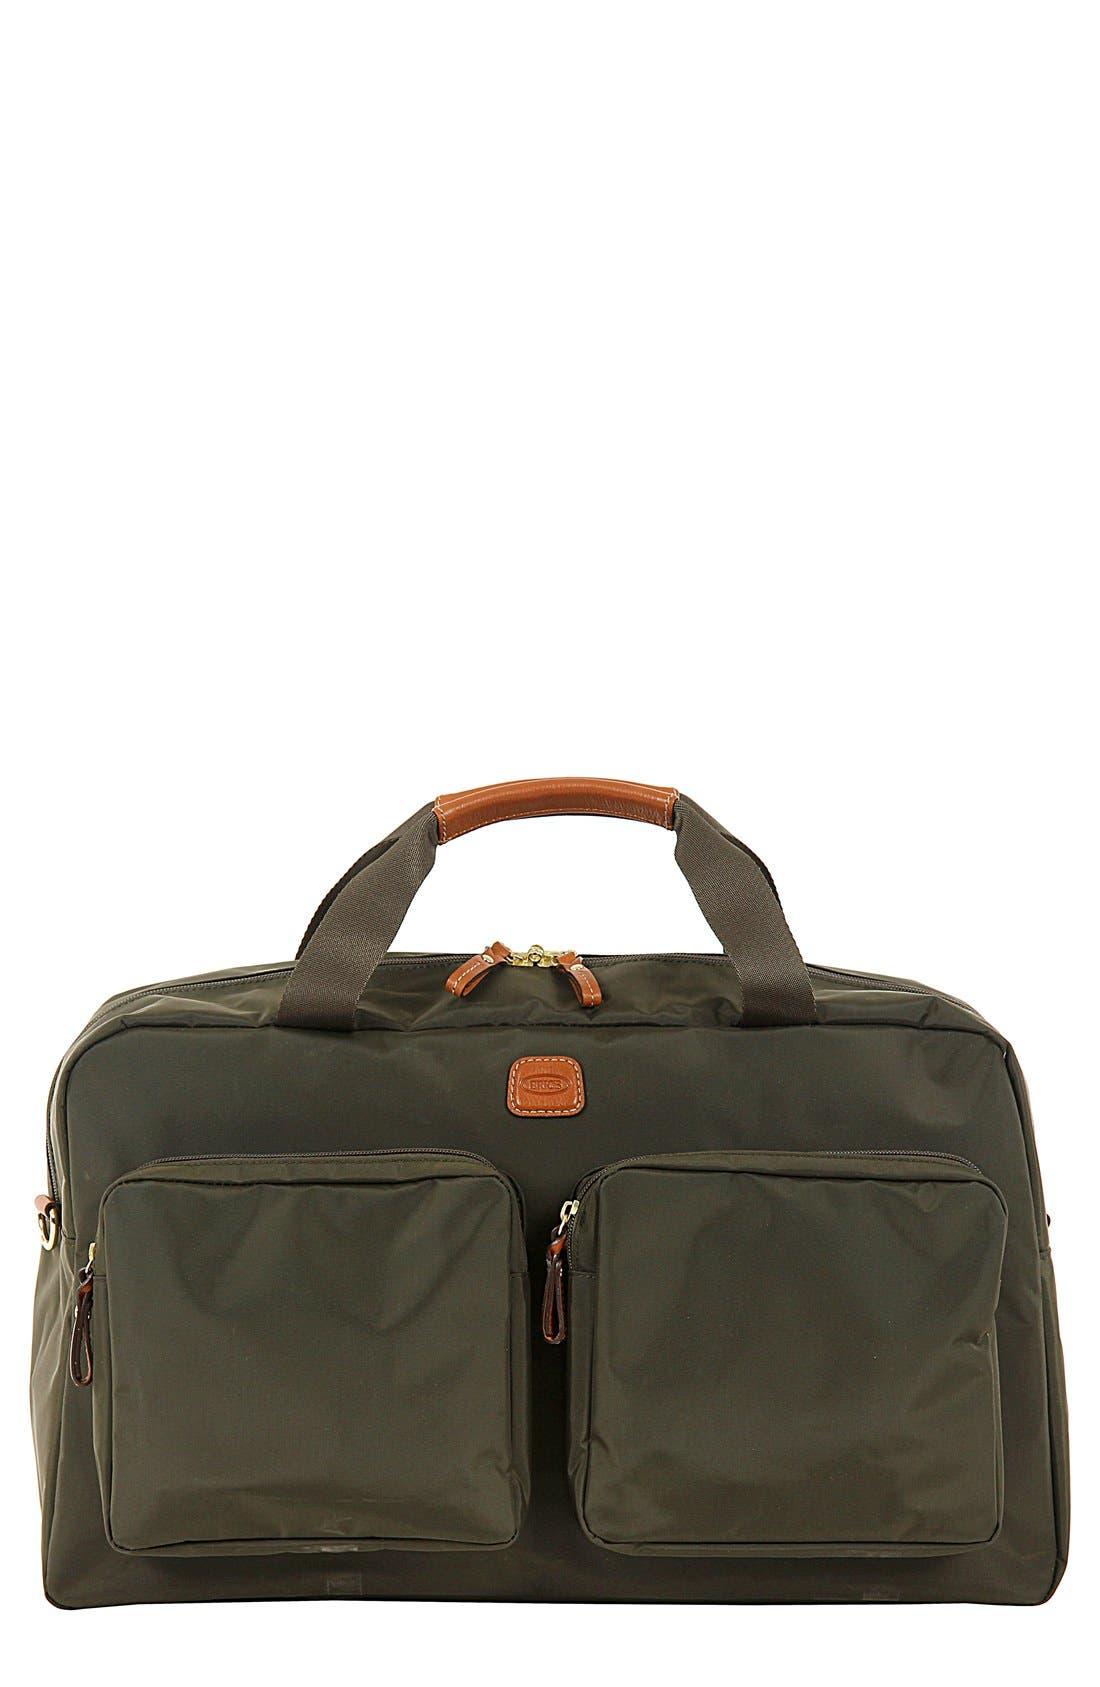 Alternate Image 1 Selected - Bric's 'X-Bag Boarding' Duffel Bag